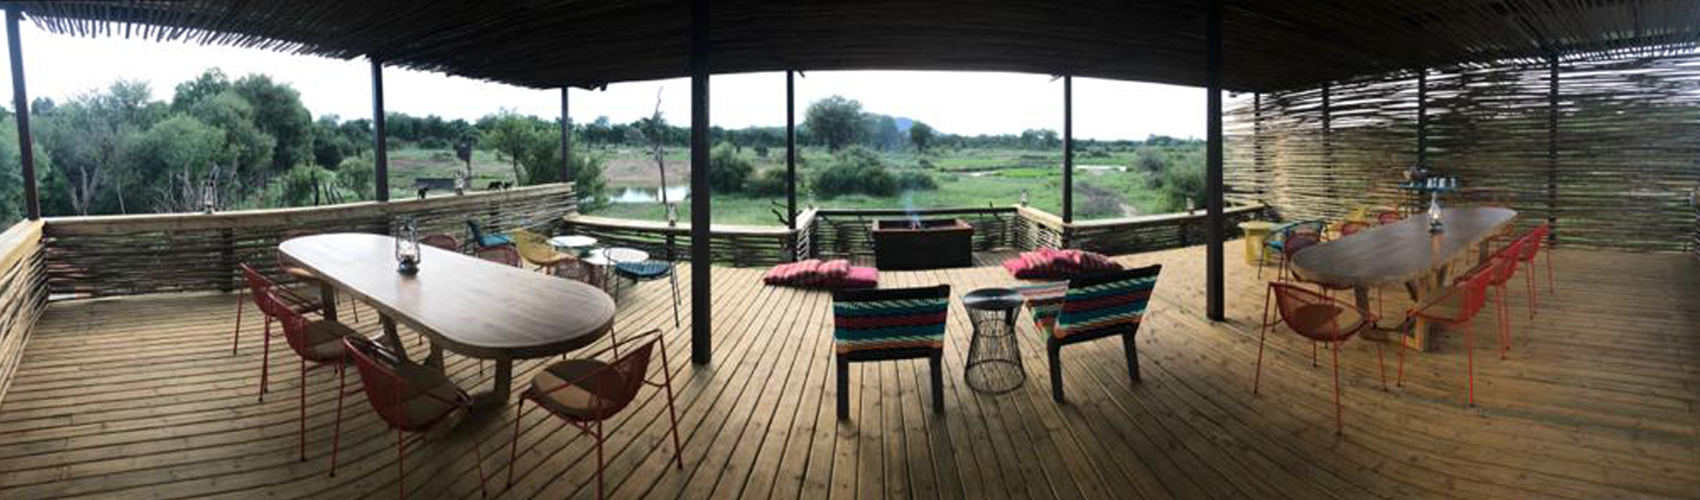 Jaci's_Lodges_new_view_deck